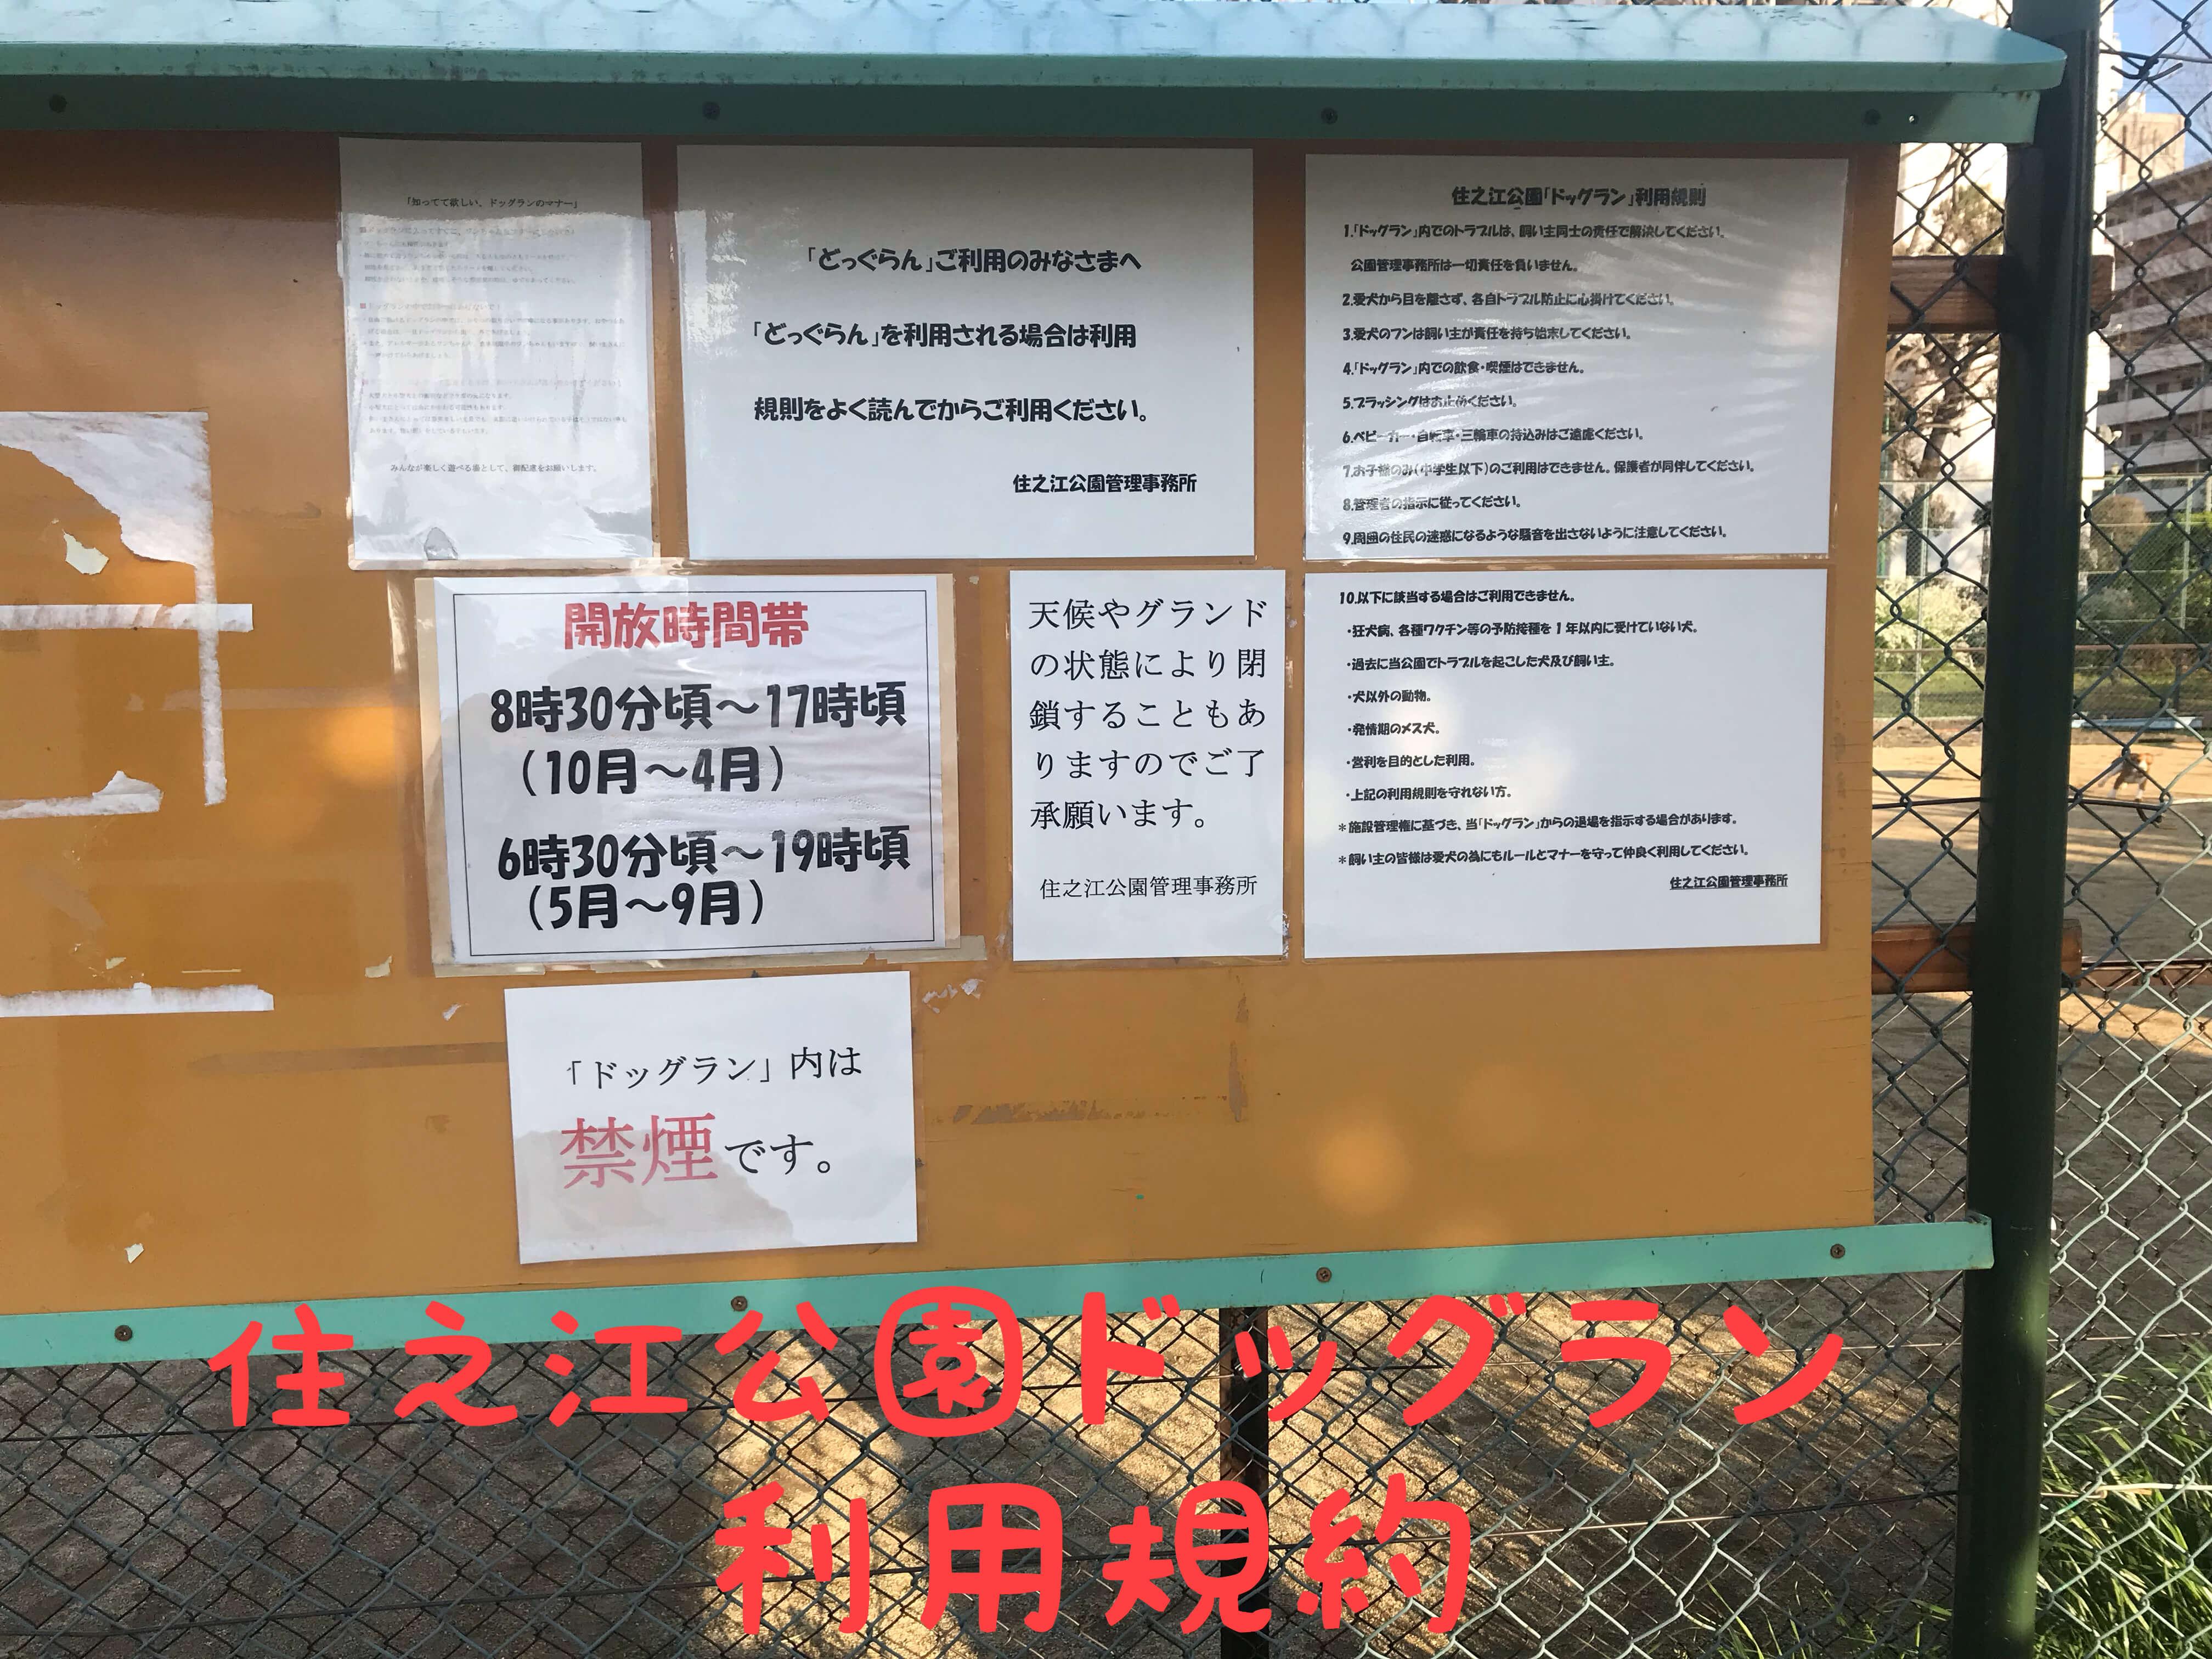 住之江公園ドッグラン 利用規約 掲示板